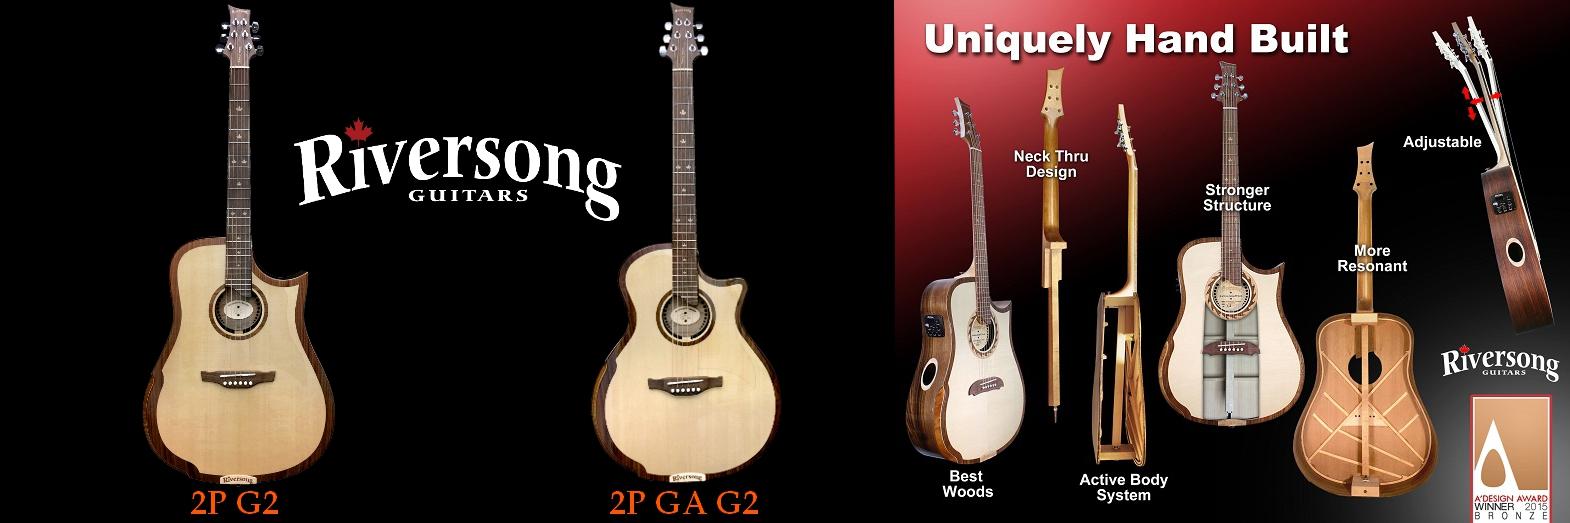 2P-G2-2P-GA-G2